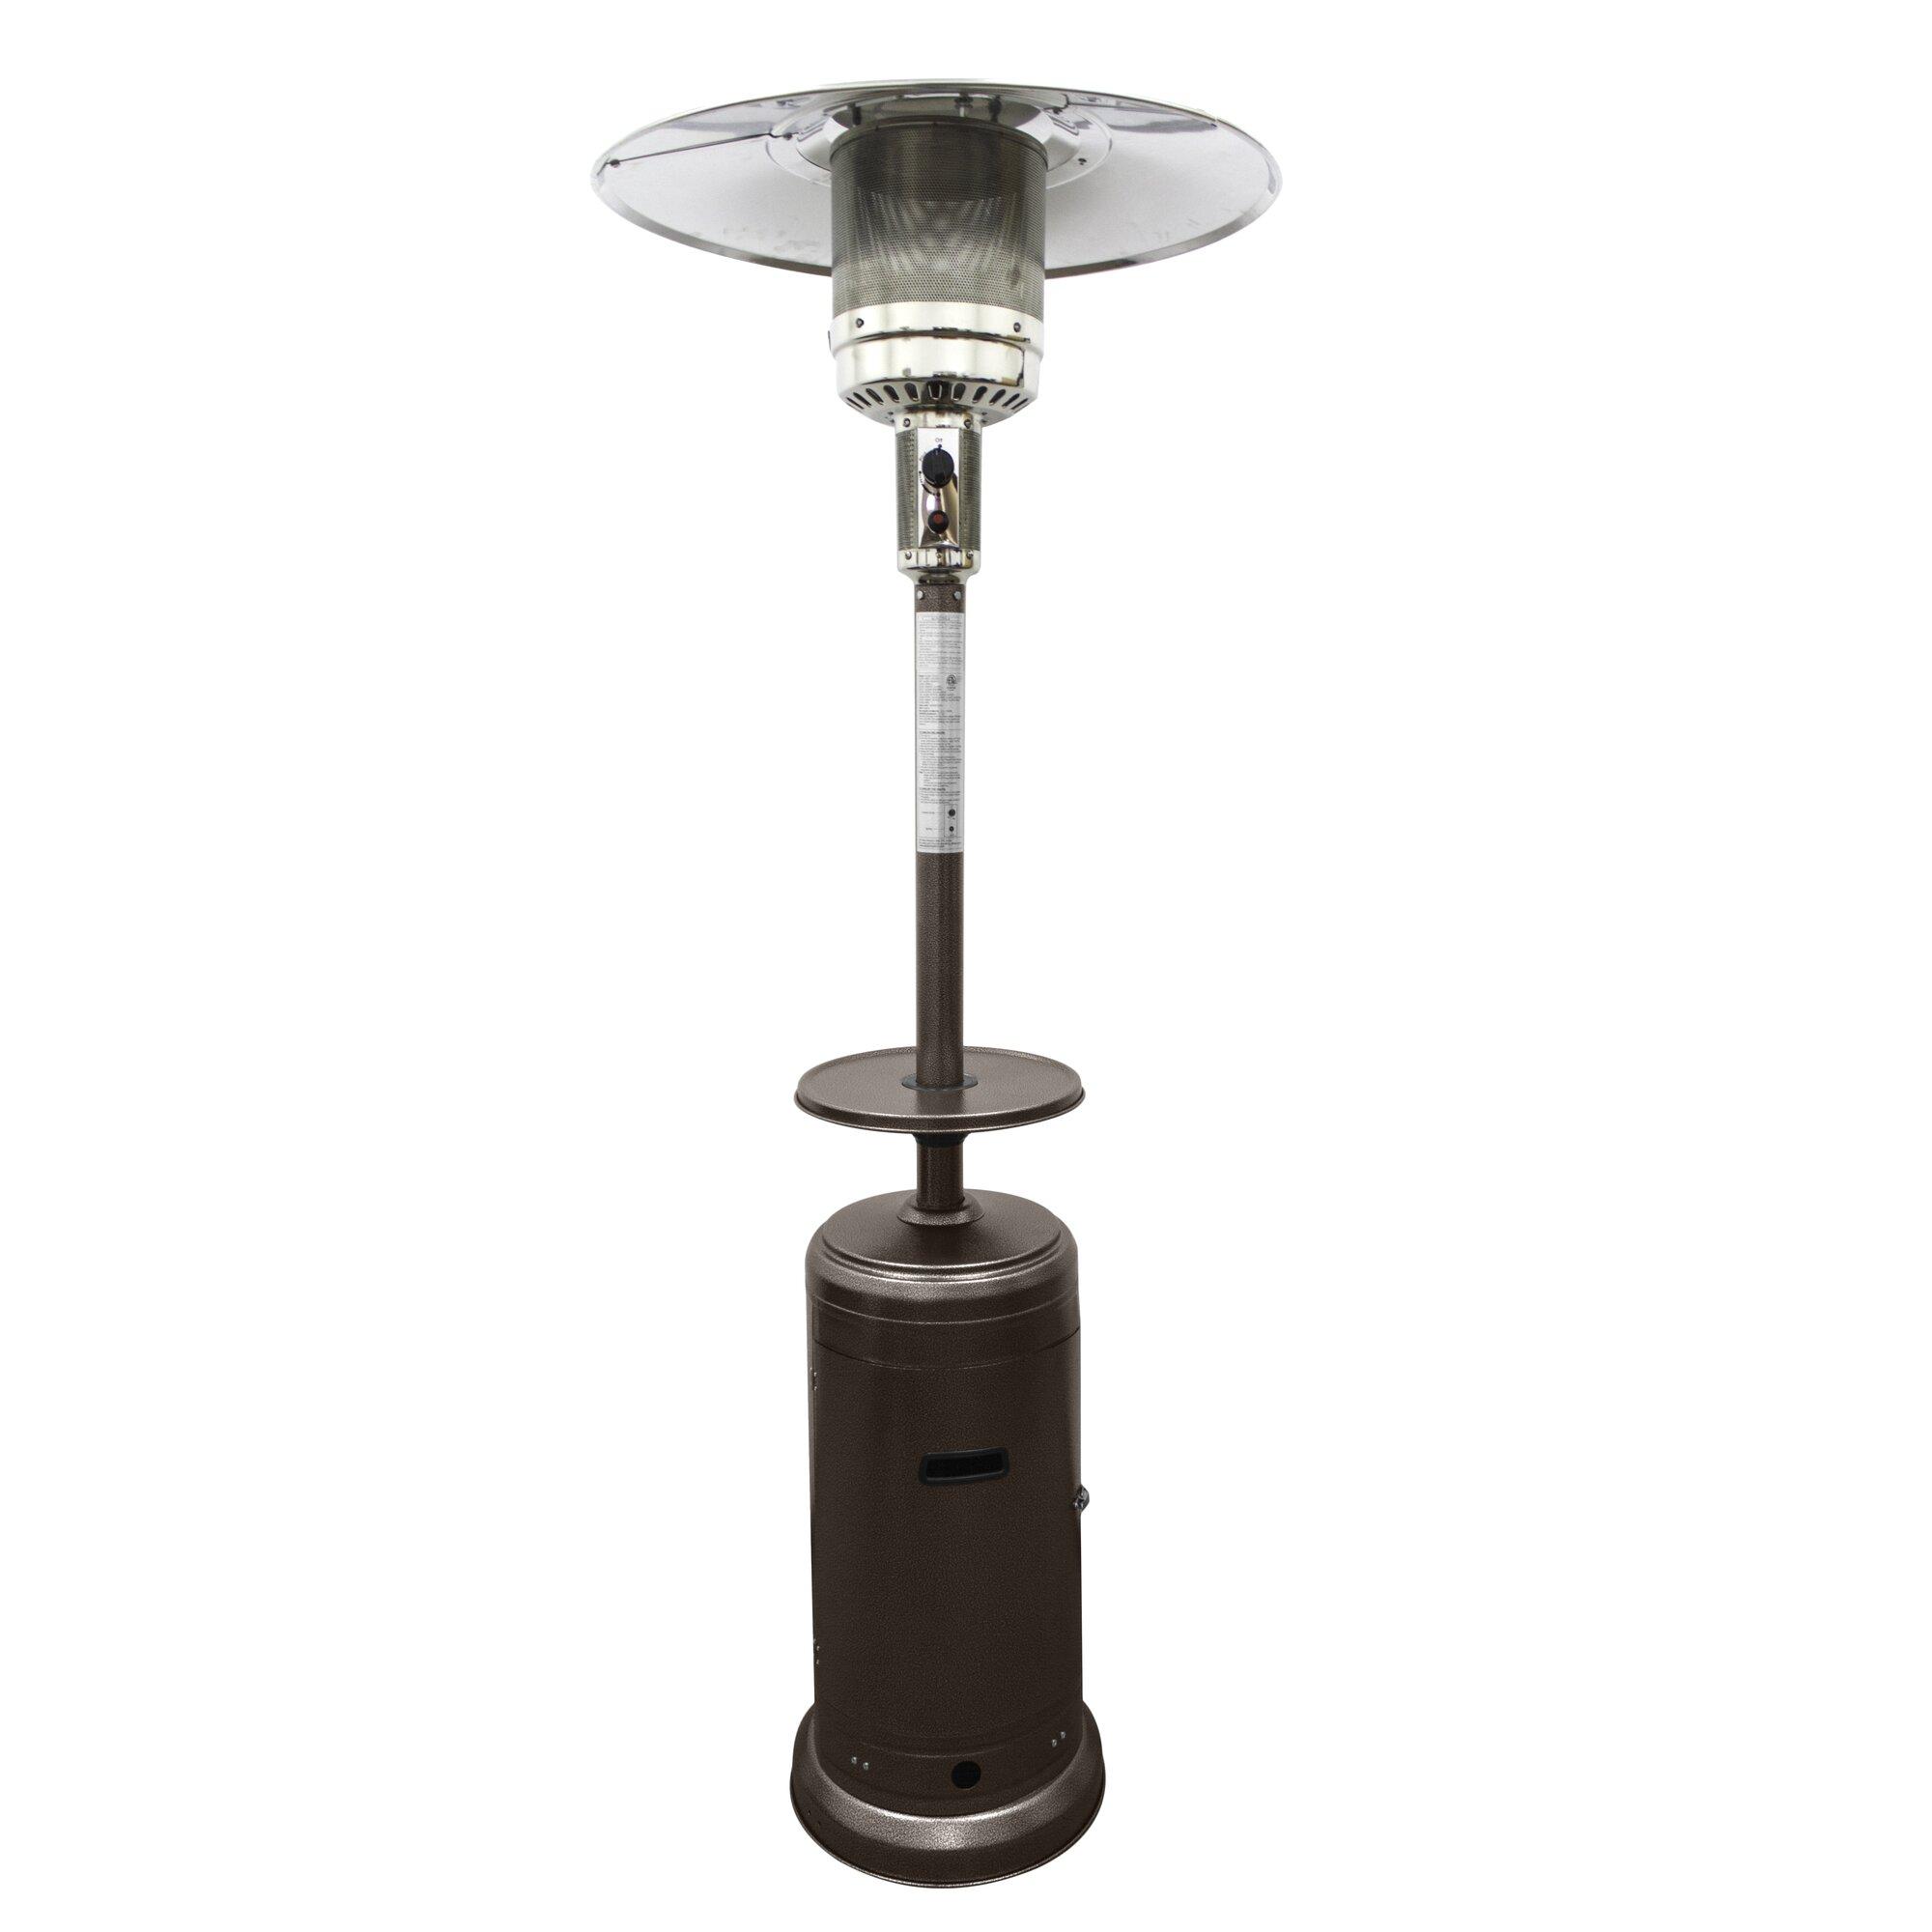 Cedarvale Tall Propane Patio Heater